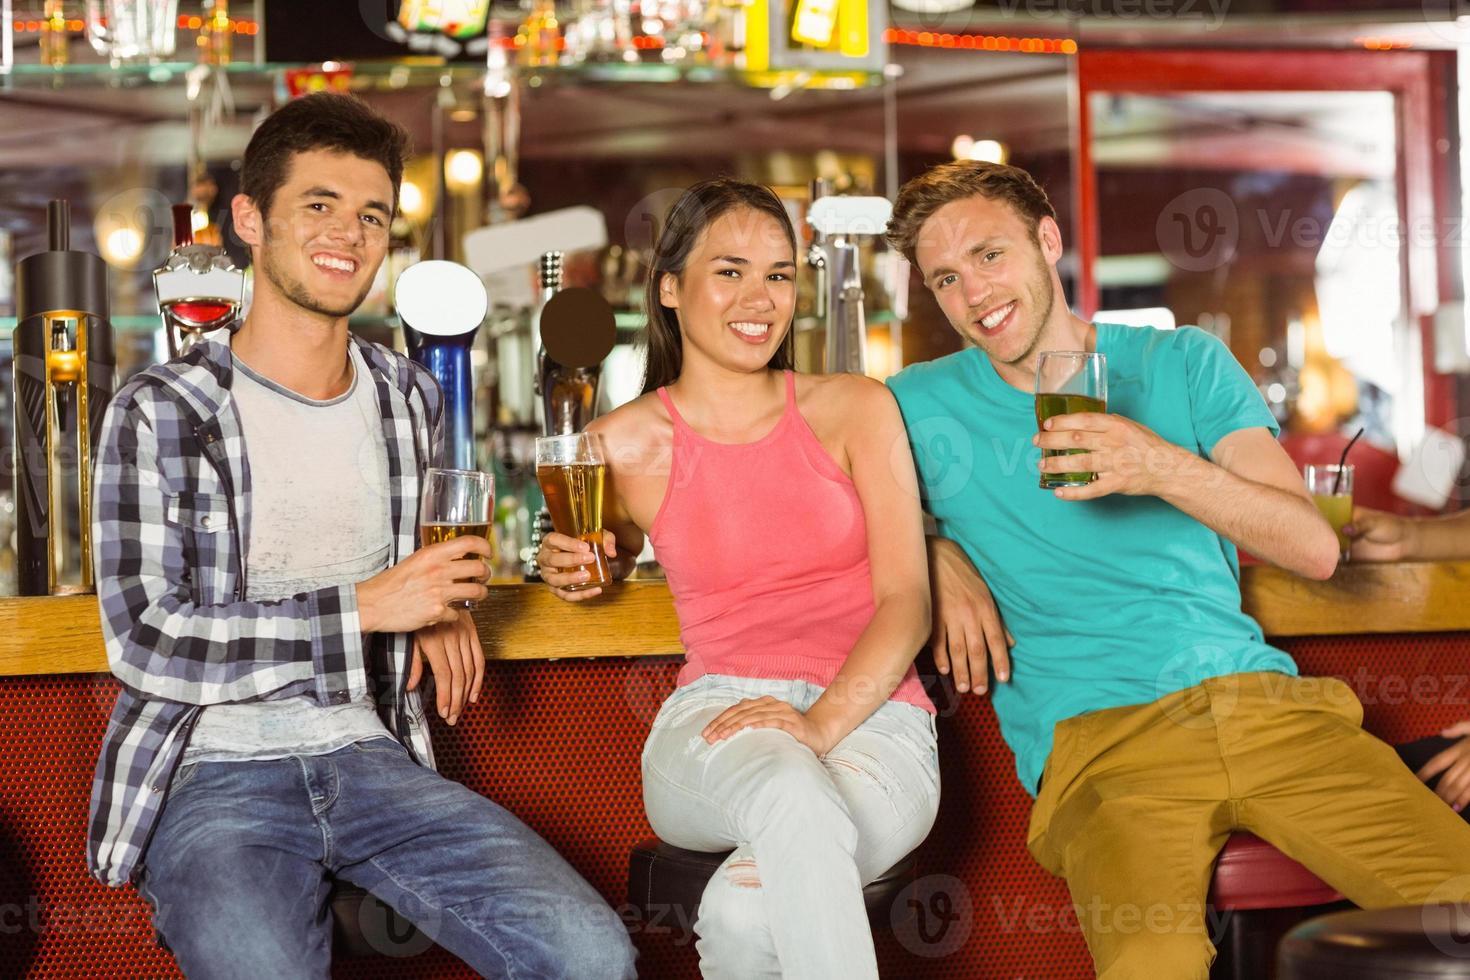 le vänner som dricker öl tillsammans foto